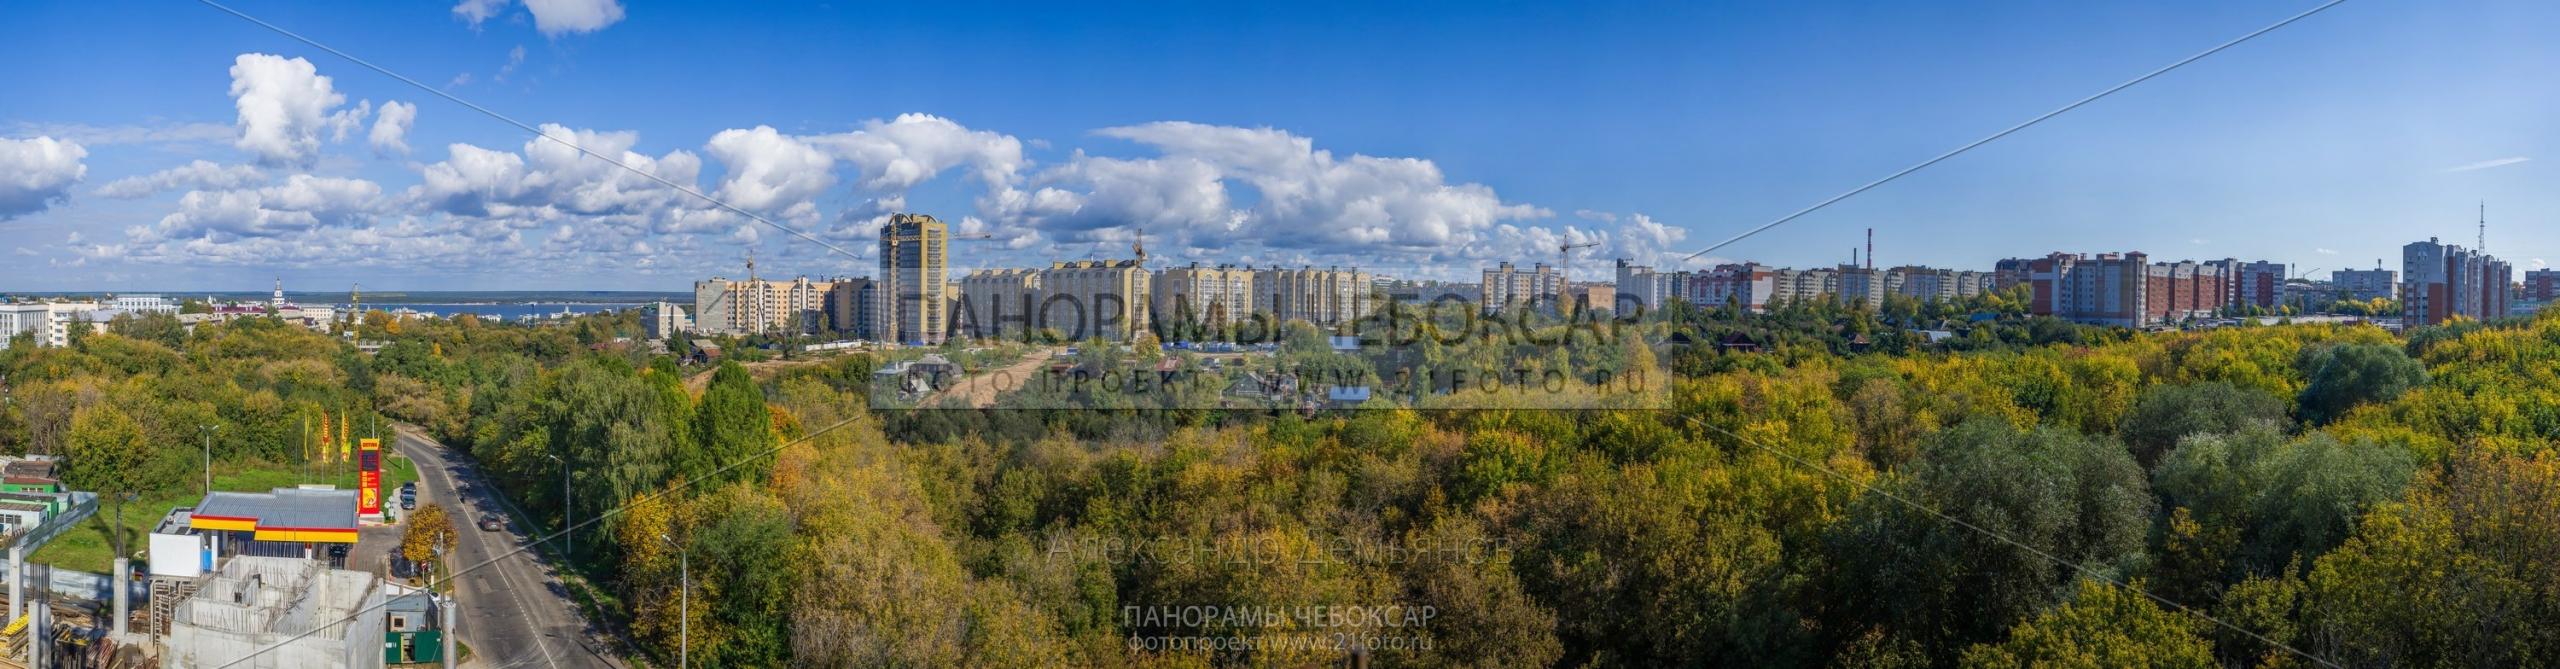 Вид с 5 этажа Альфа центра на восток (Гигапиксельные фотографии Чебоксар)